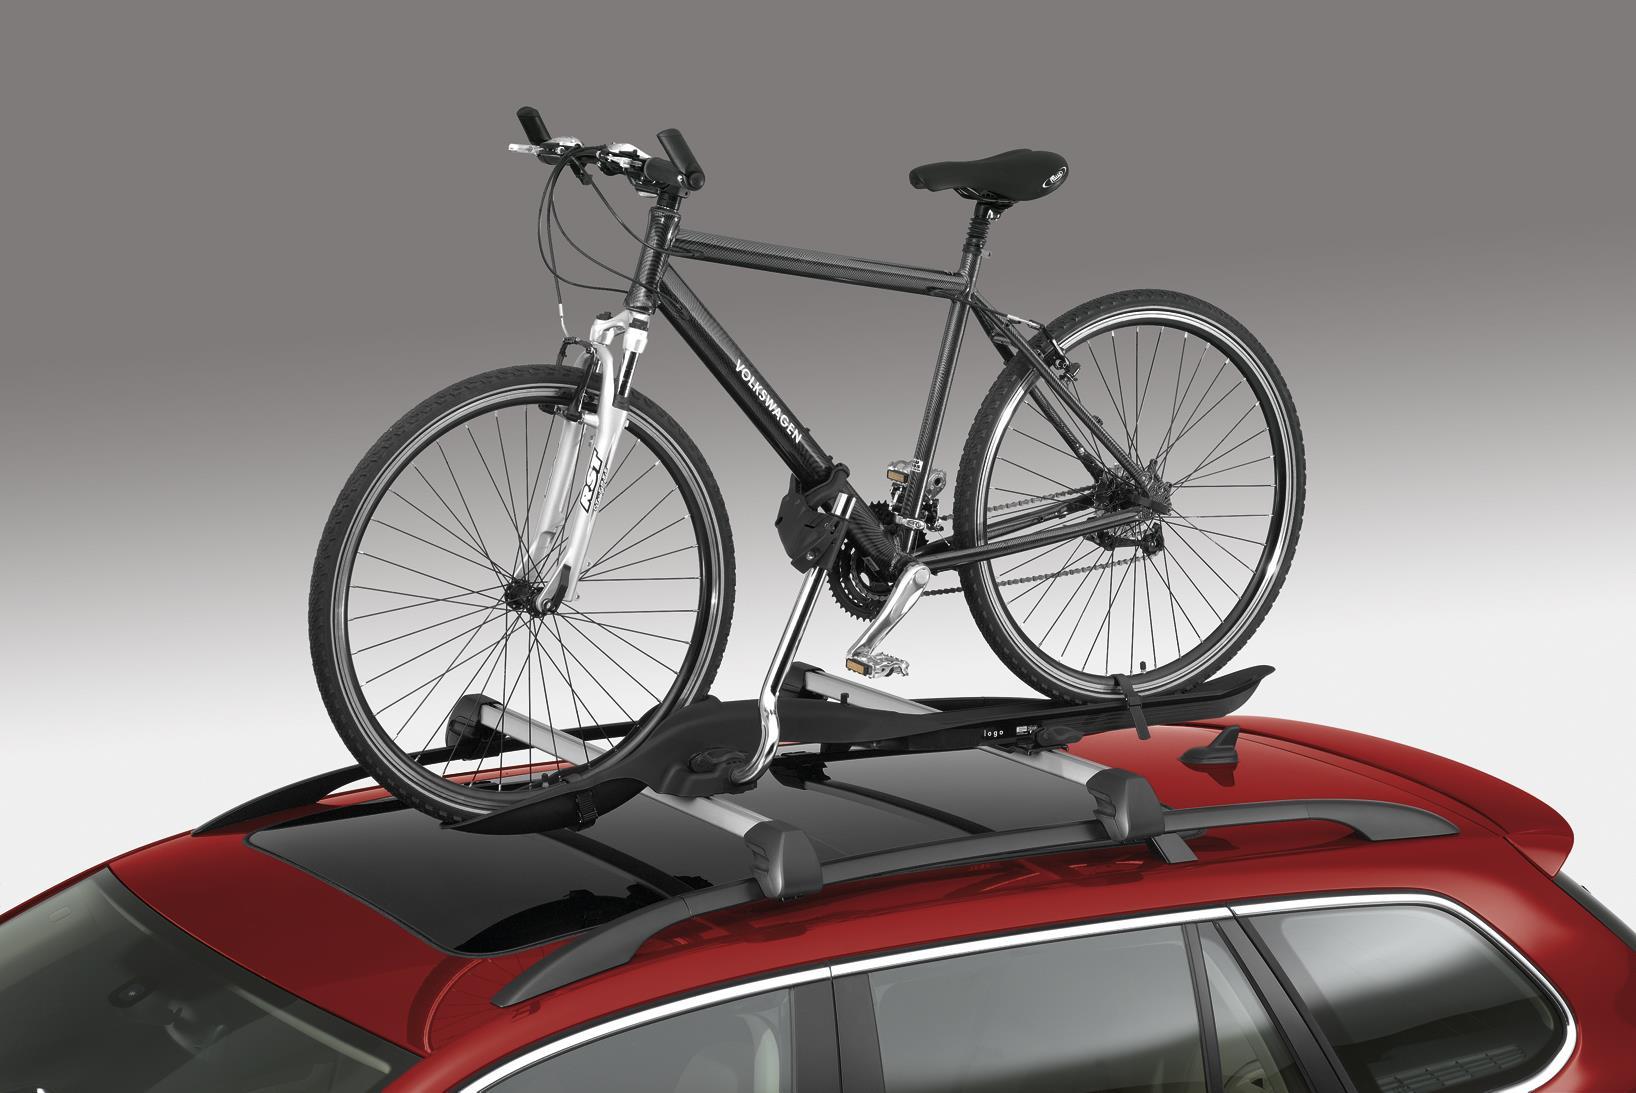 Volkswagen Touareg Bike Holder Attachment Black Bike